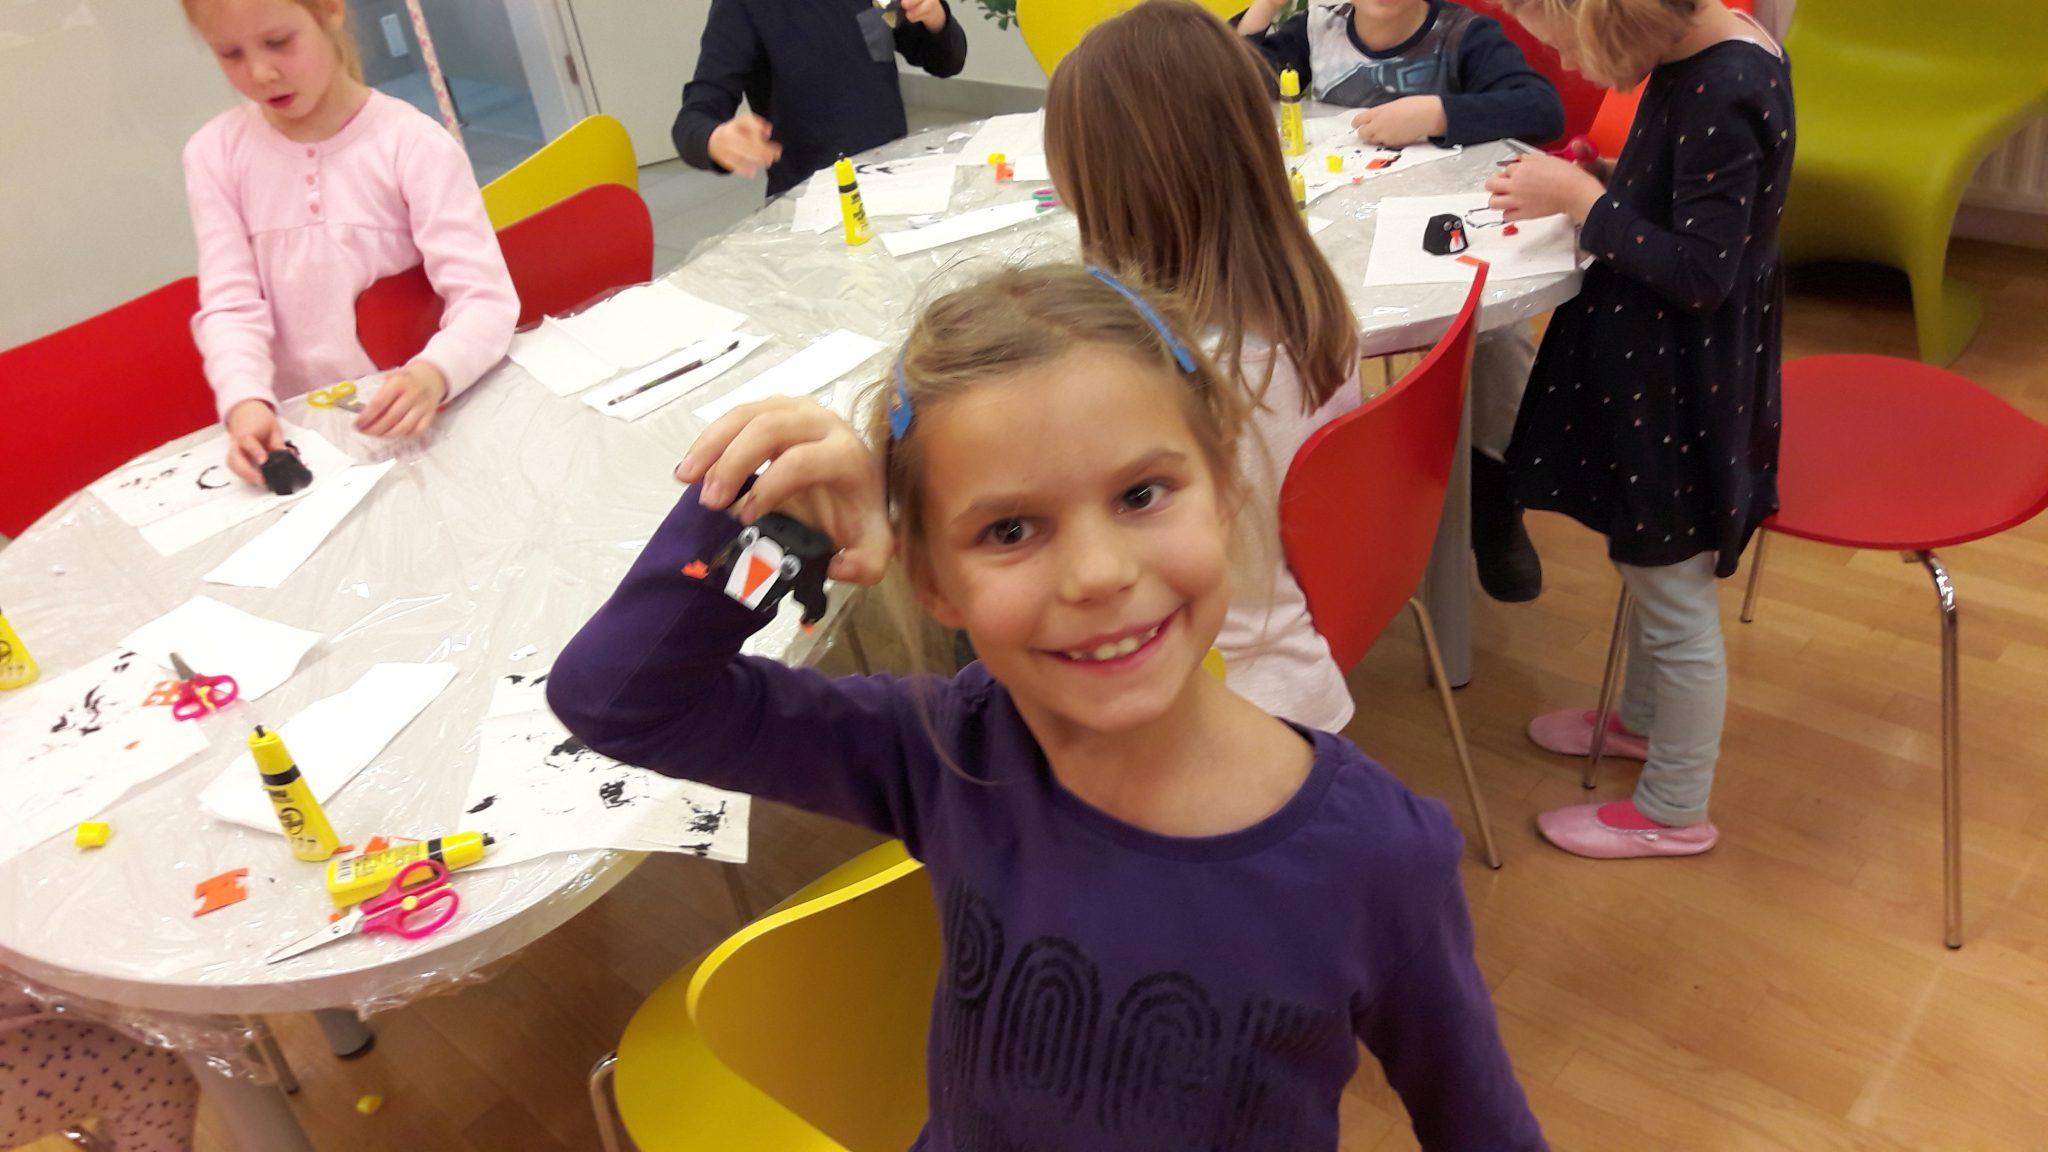 20170116 175434 - Pravljična urica z ustvarjalno delavnico za otroke od 4. leta dalje